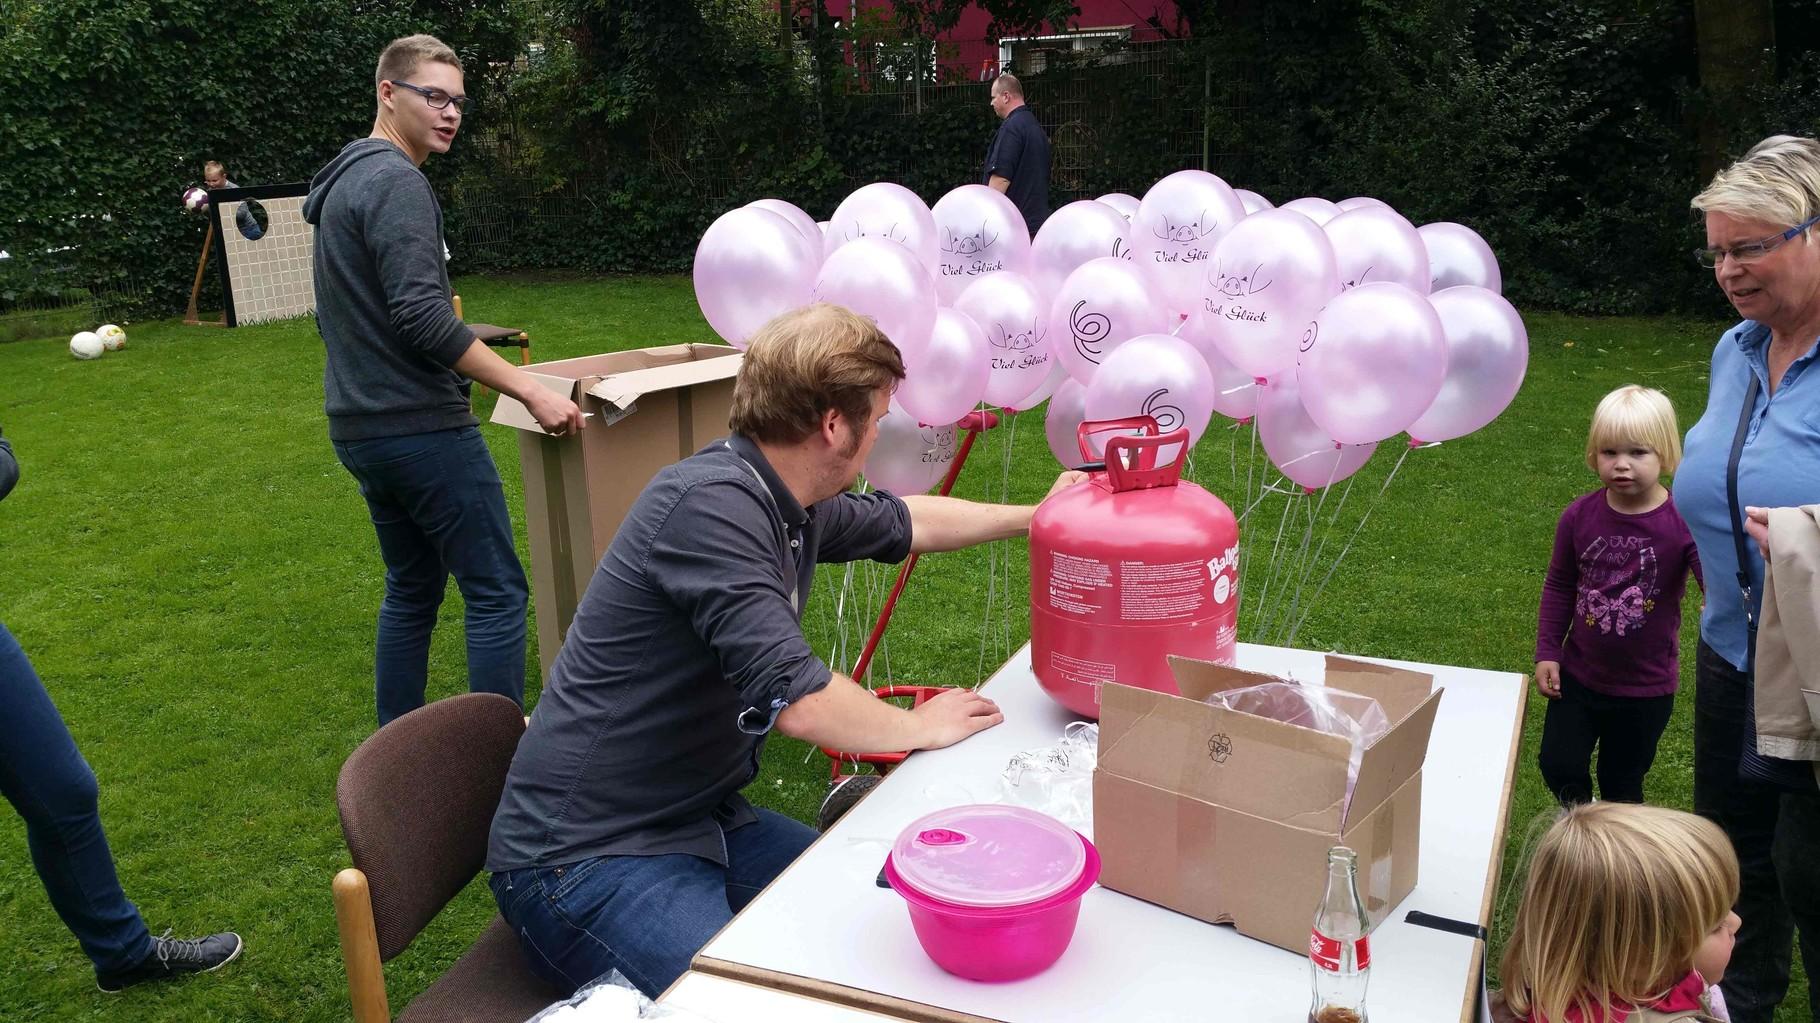 Die Hauptamtlichen um Christoph Kleine haben den Luftballon Wettbewerb im Griff